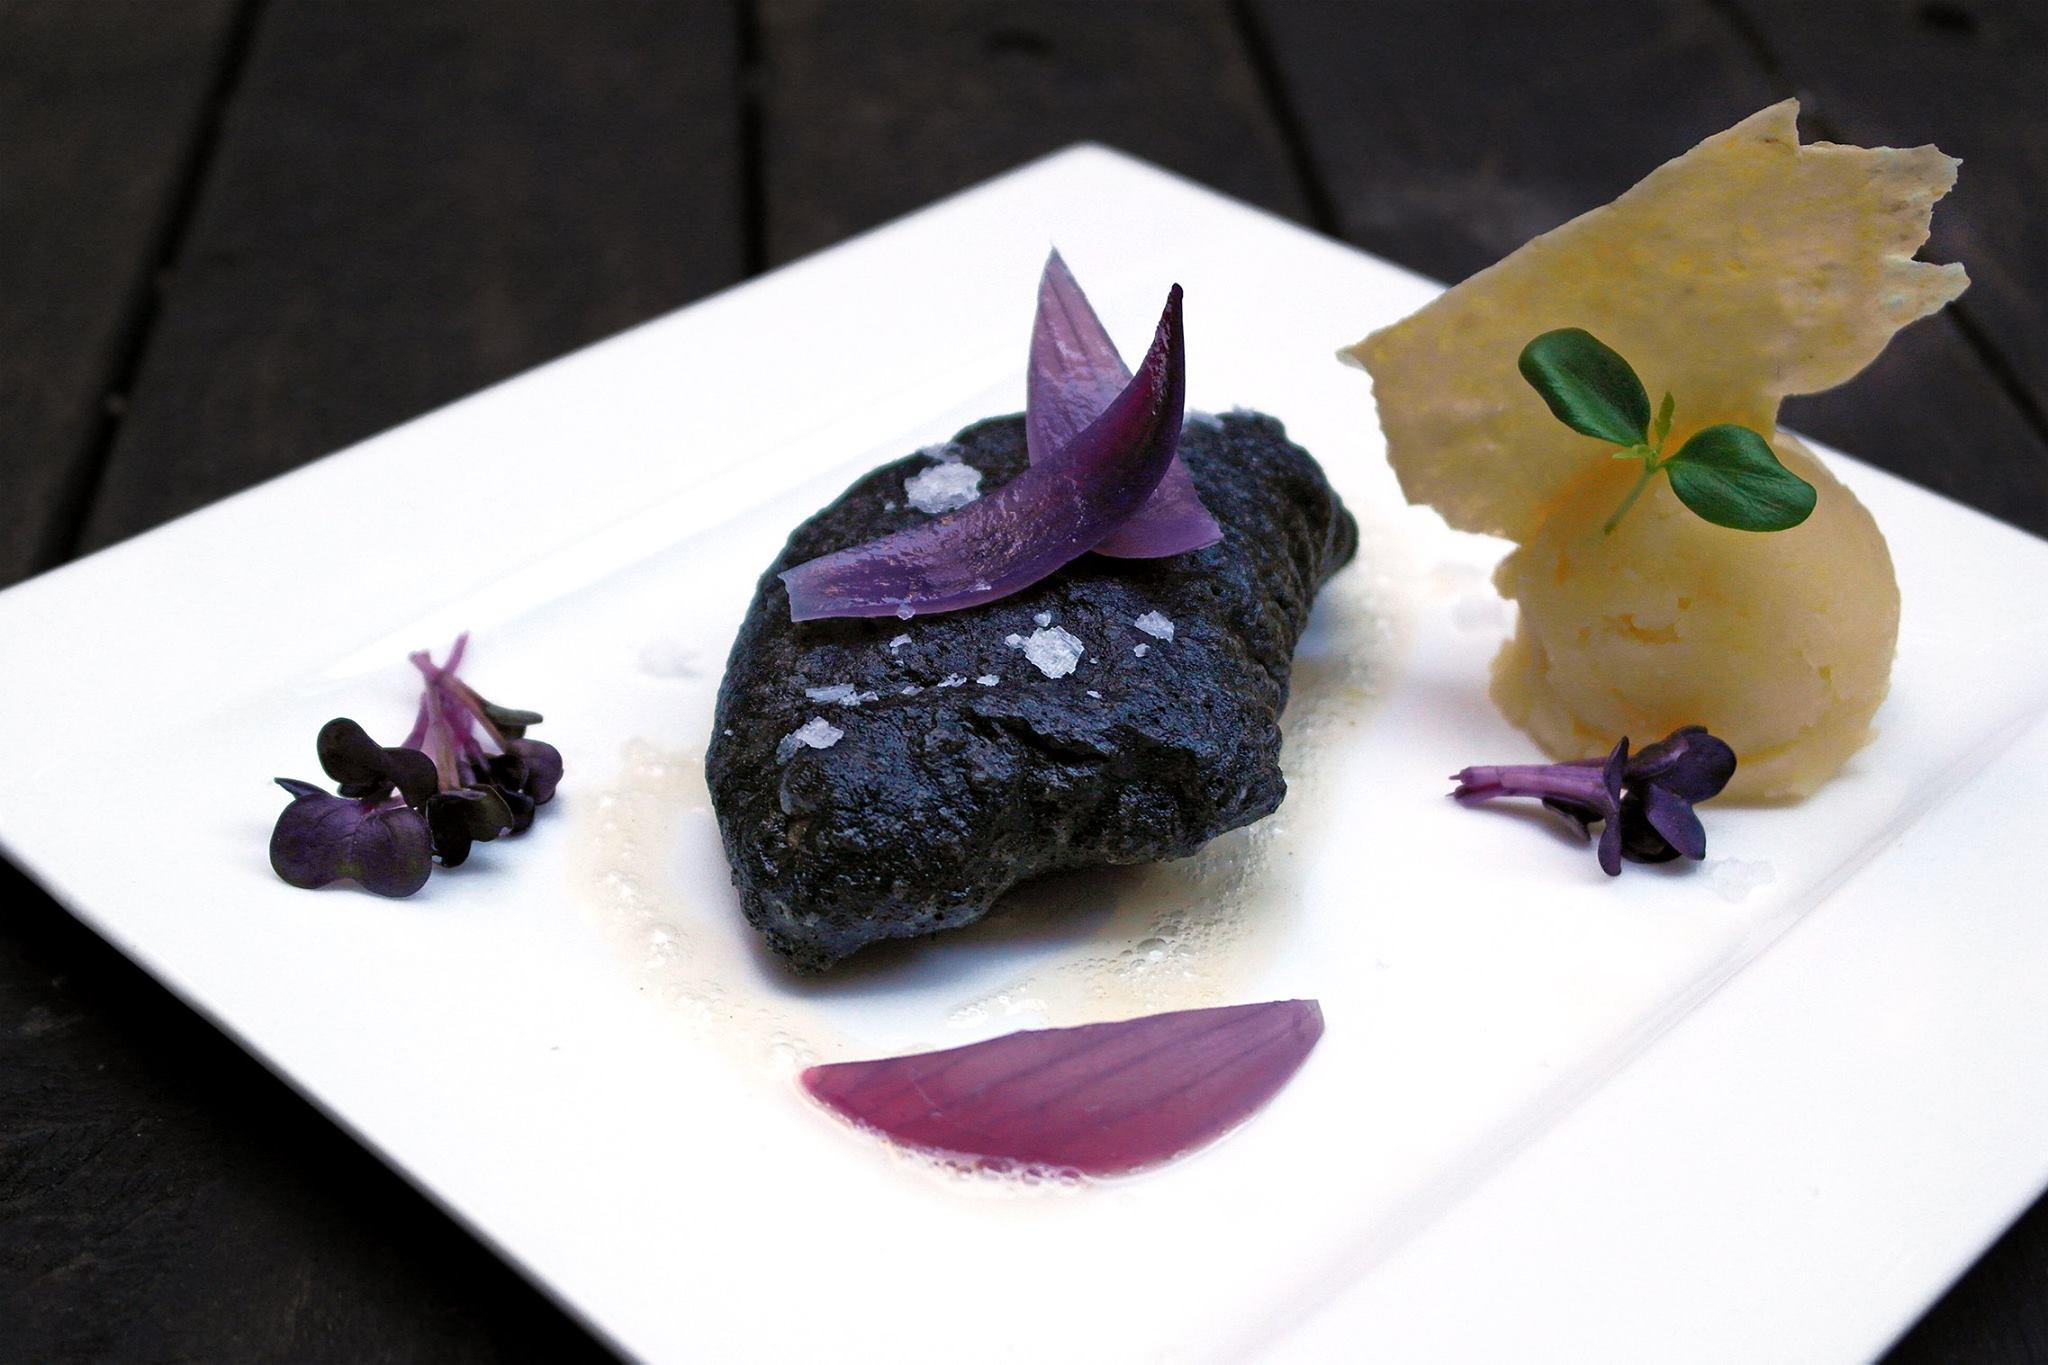 Filetto di salmerino alpino in pastella di carbone, sambuco e prosecco, patate alla vaniglia e cipolla rossa al forno. Facebook/Il Chiostro di Andrea